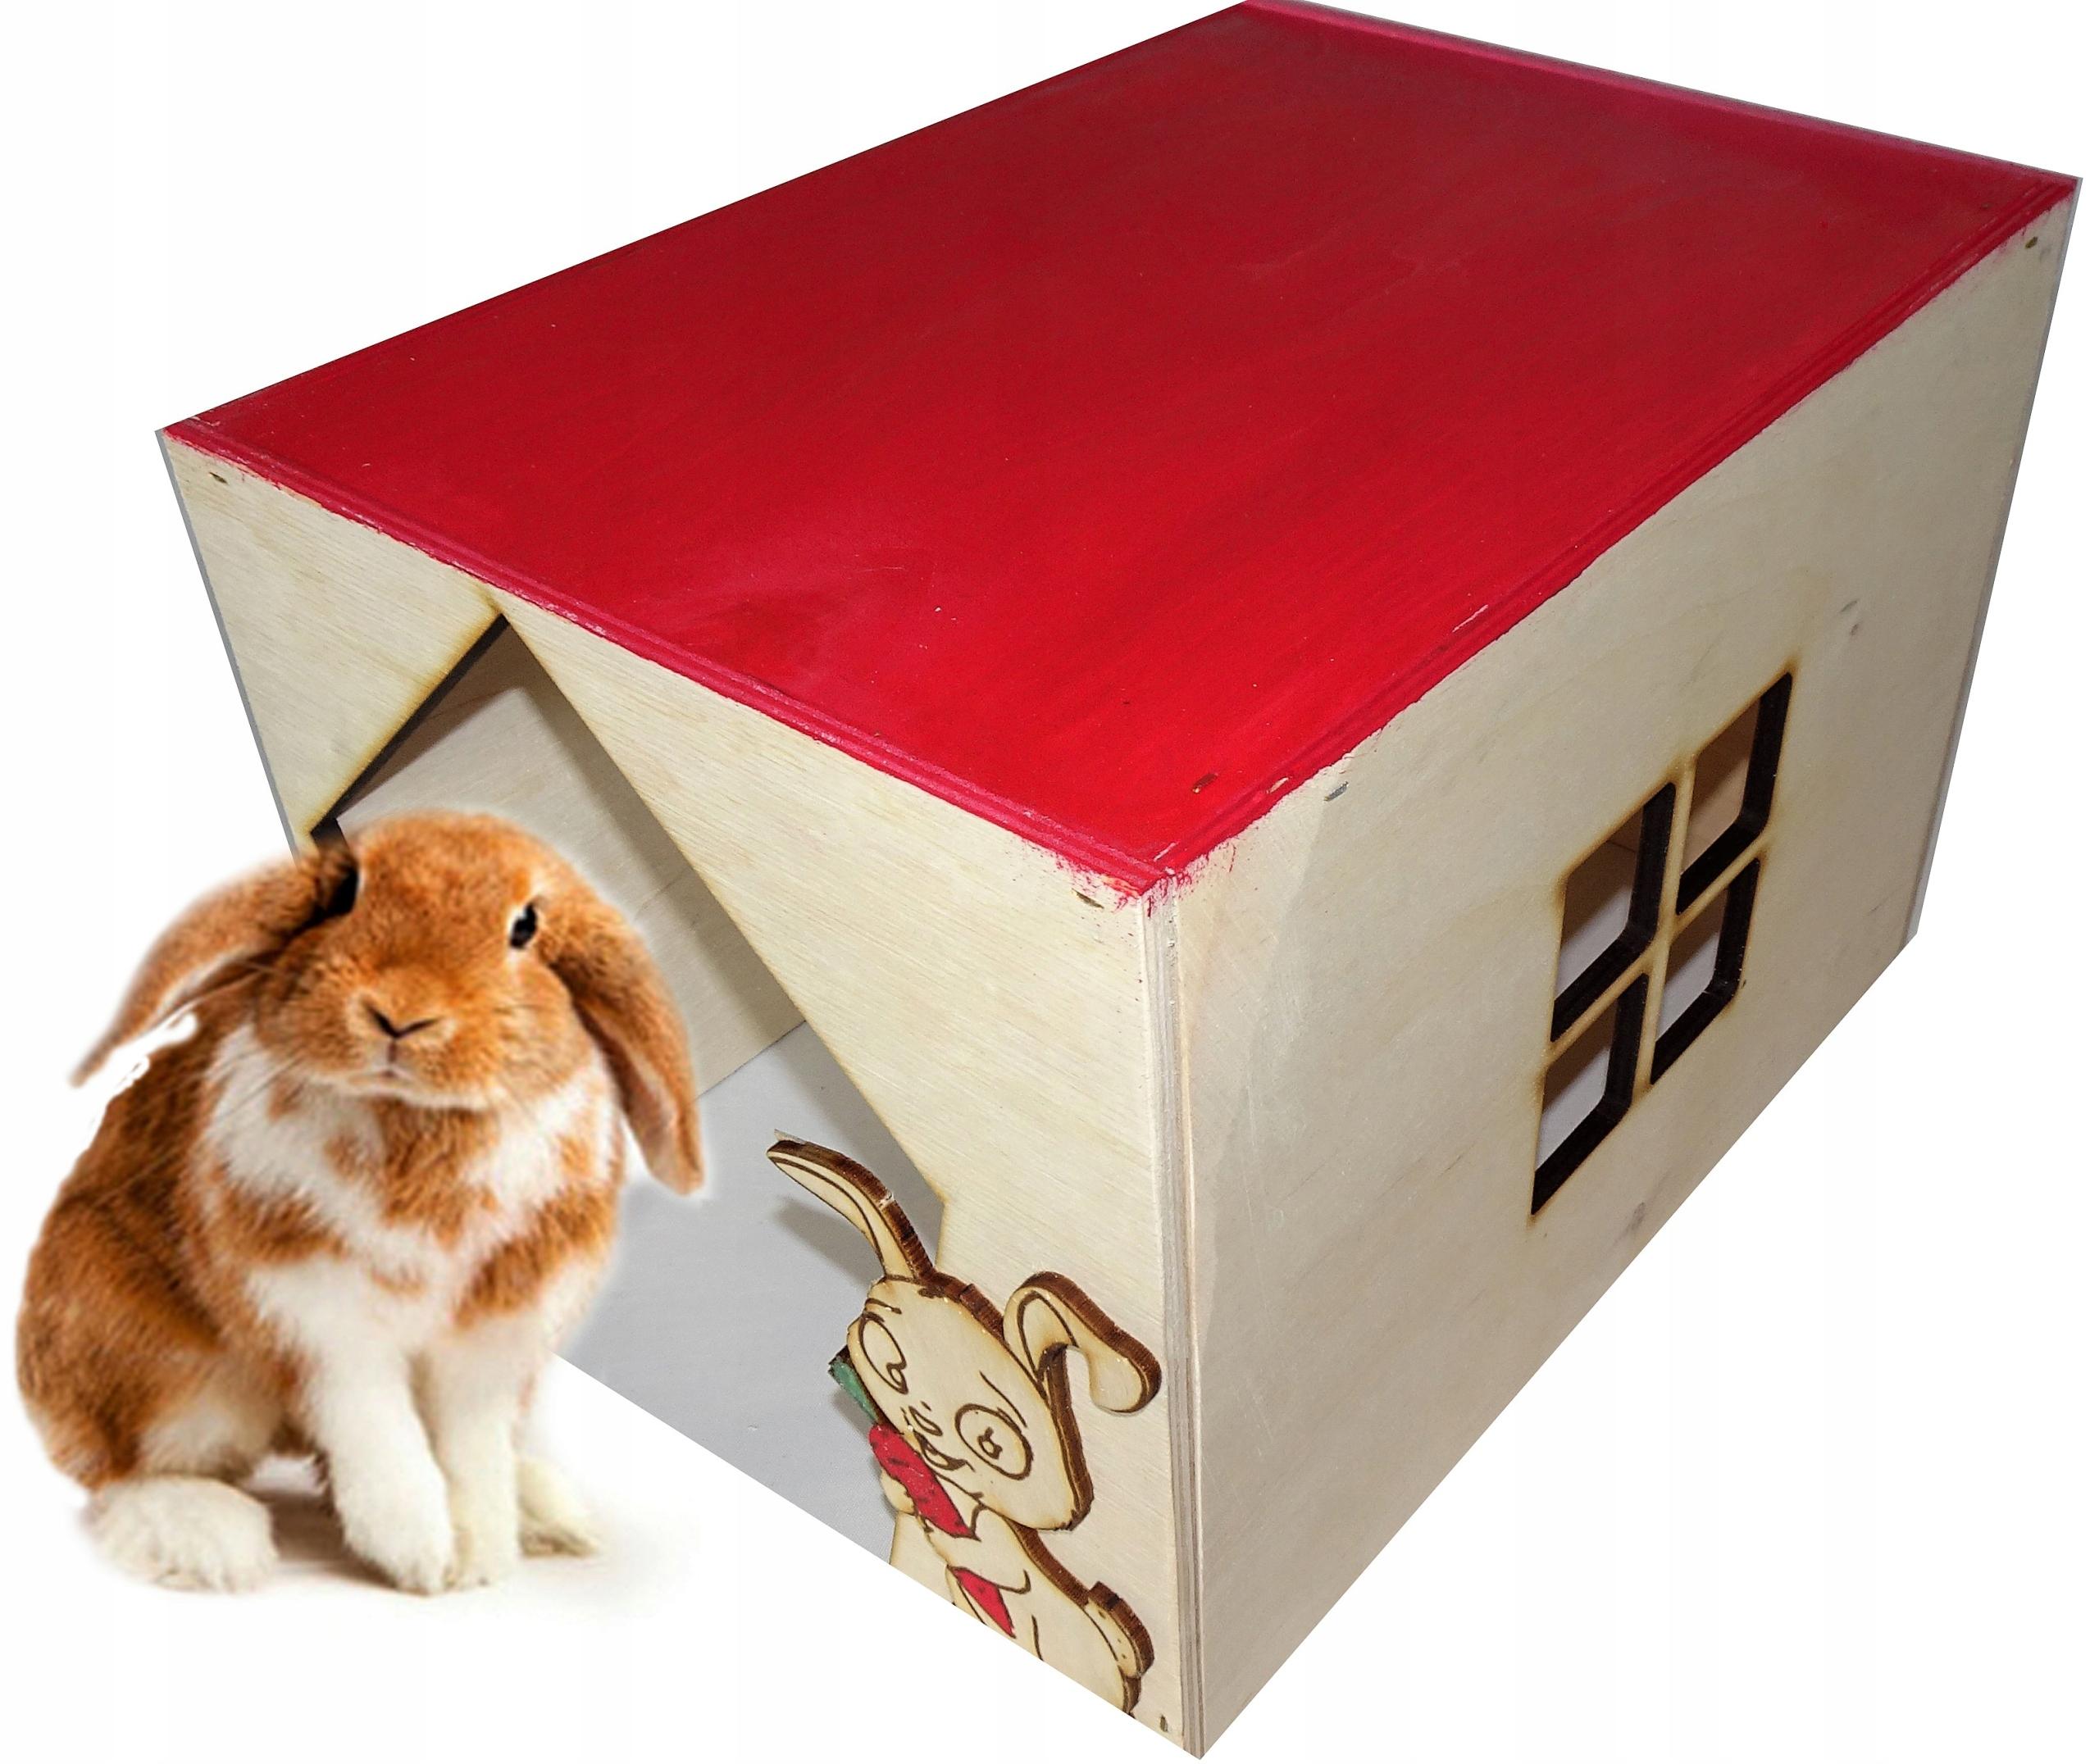 drewniany domek dla królika, klatka+ GRATIS